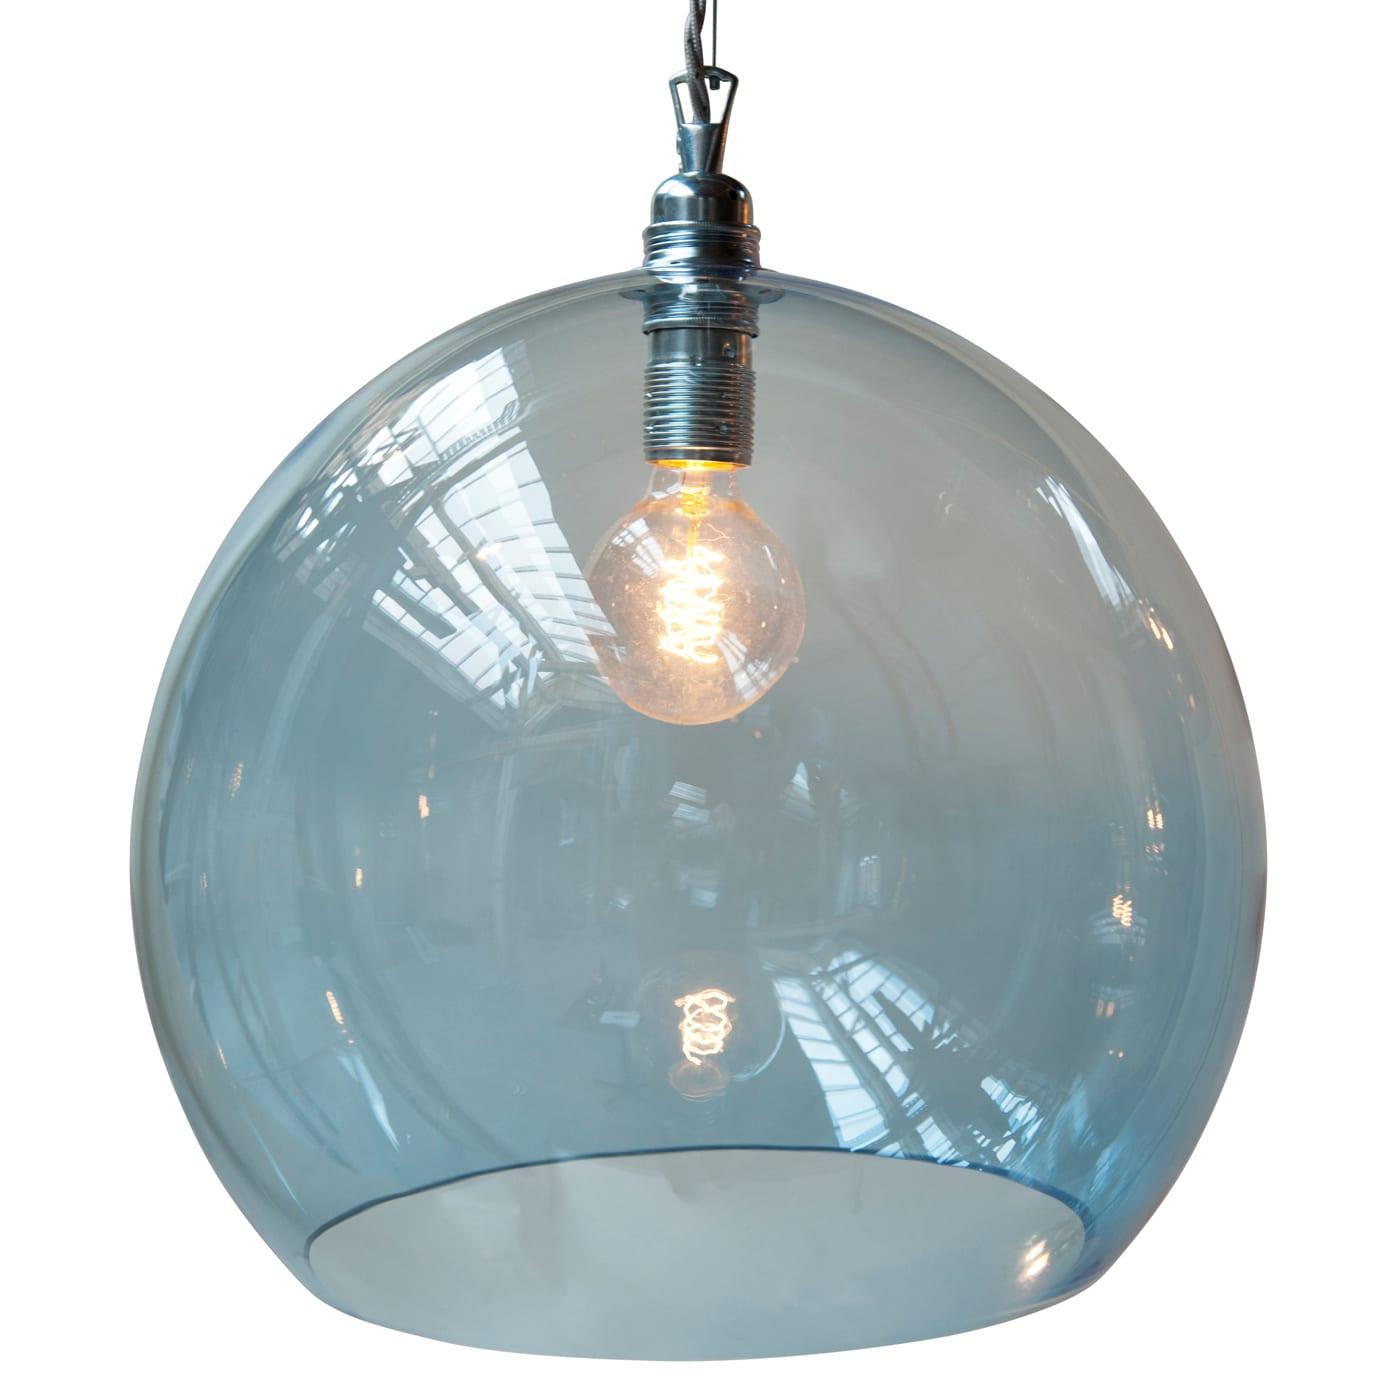 Rowan pendant lamp, deep blue, 39cm